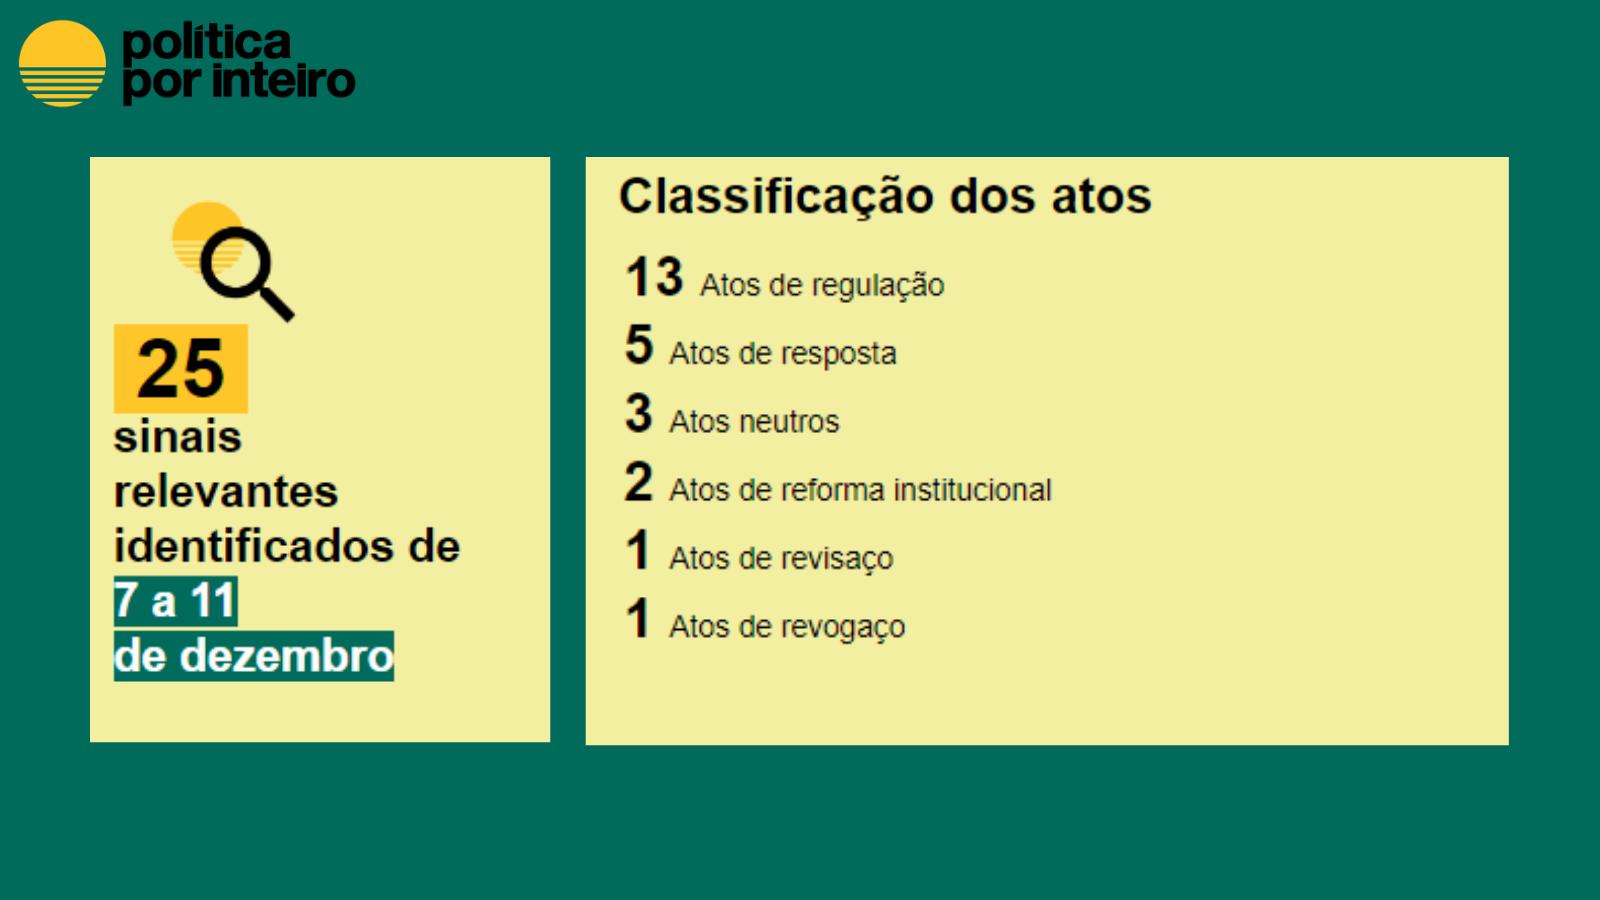 25 atos classificados de 7 a 11 de dezembro: Regulação: 13 Resposta: 5 Neutro: 3 Reformas institucionais: 2 Revisaço: 1 Revogaço: 1